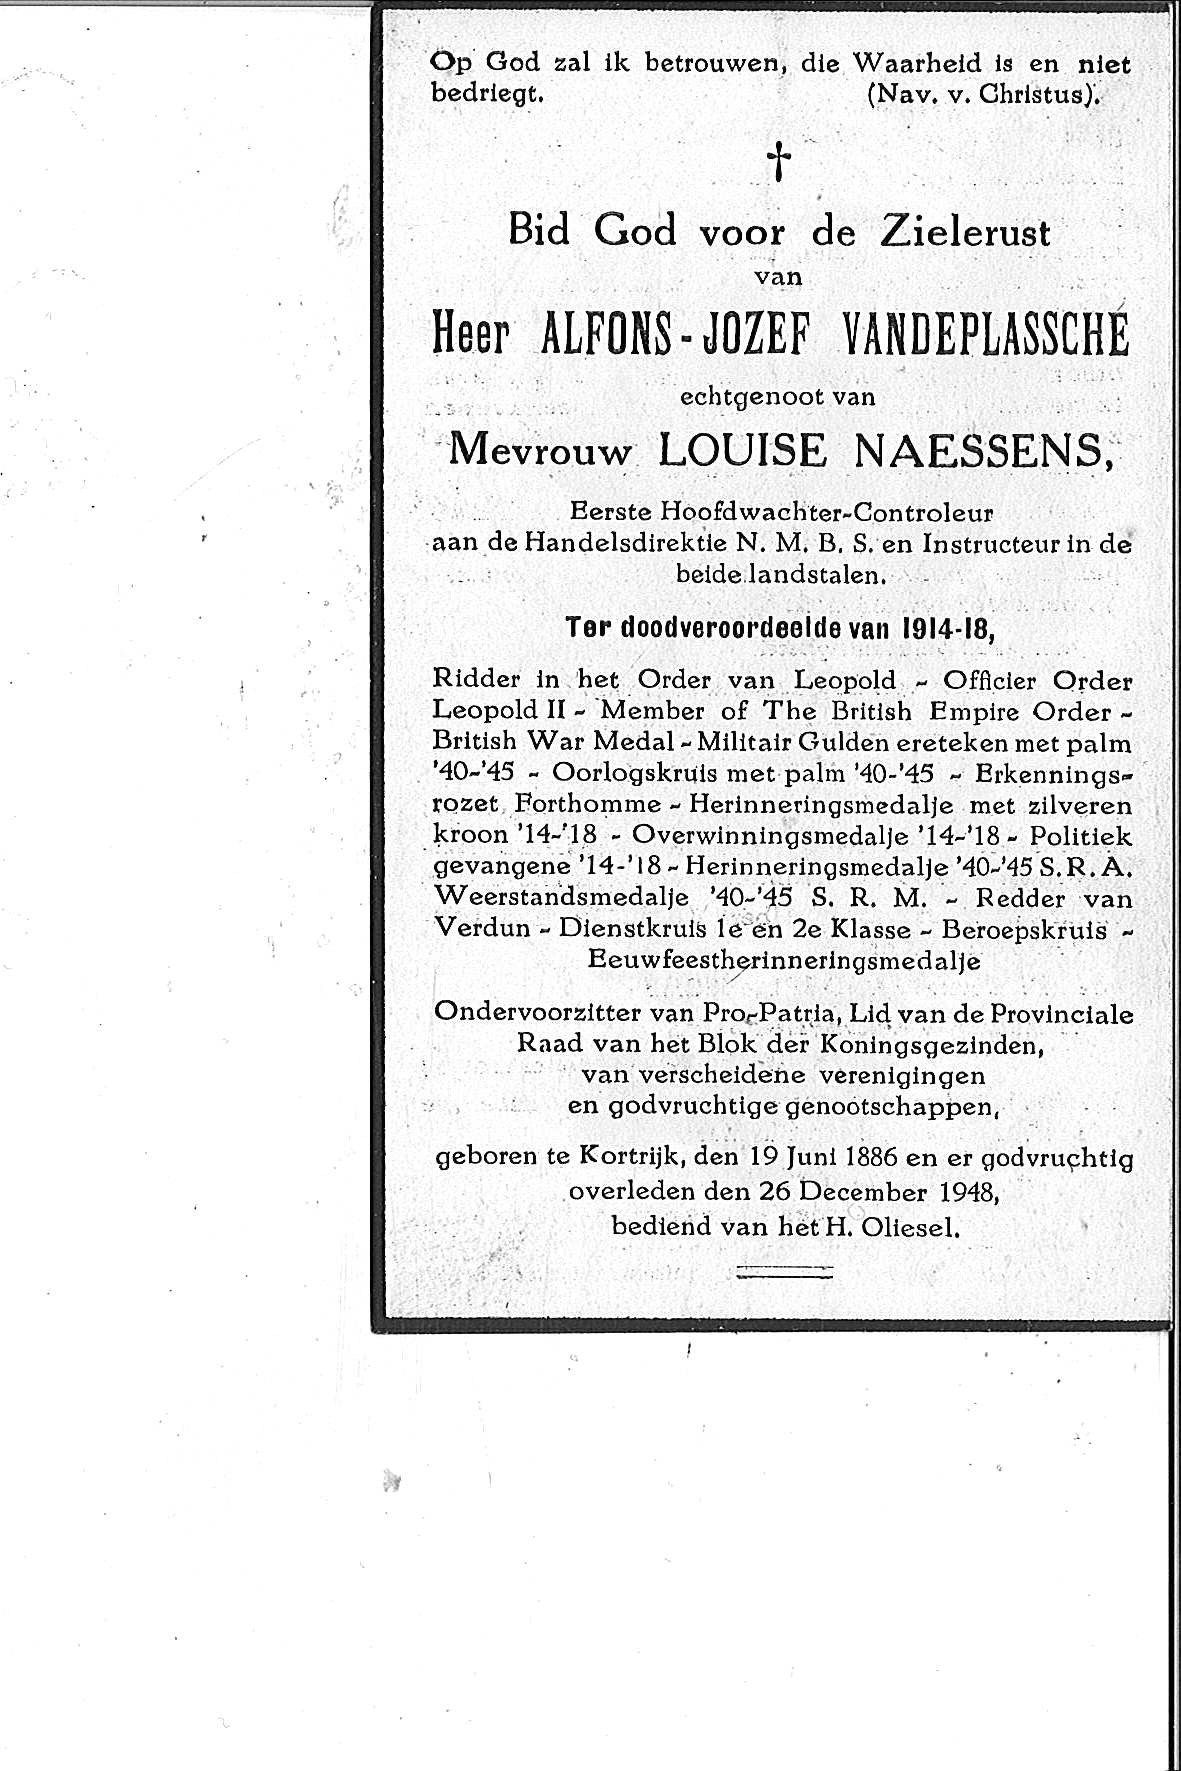 Vandeplassche Alfons-Jozef